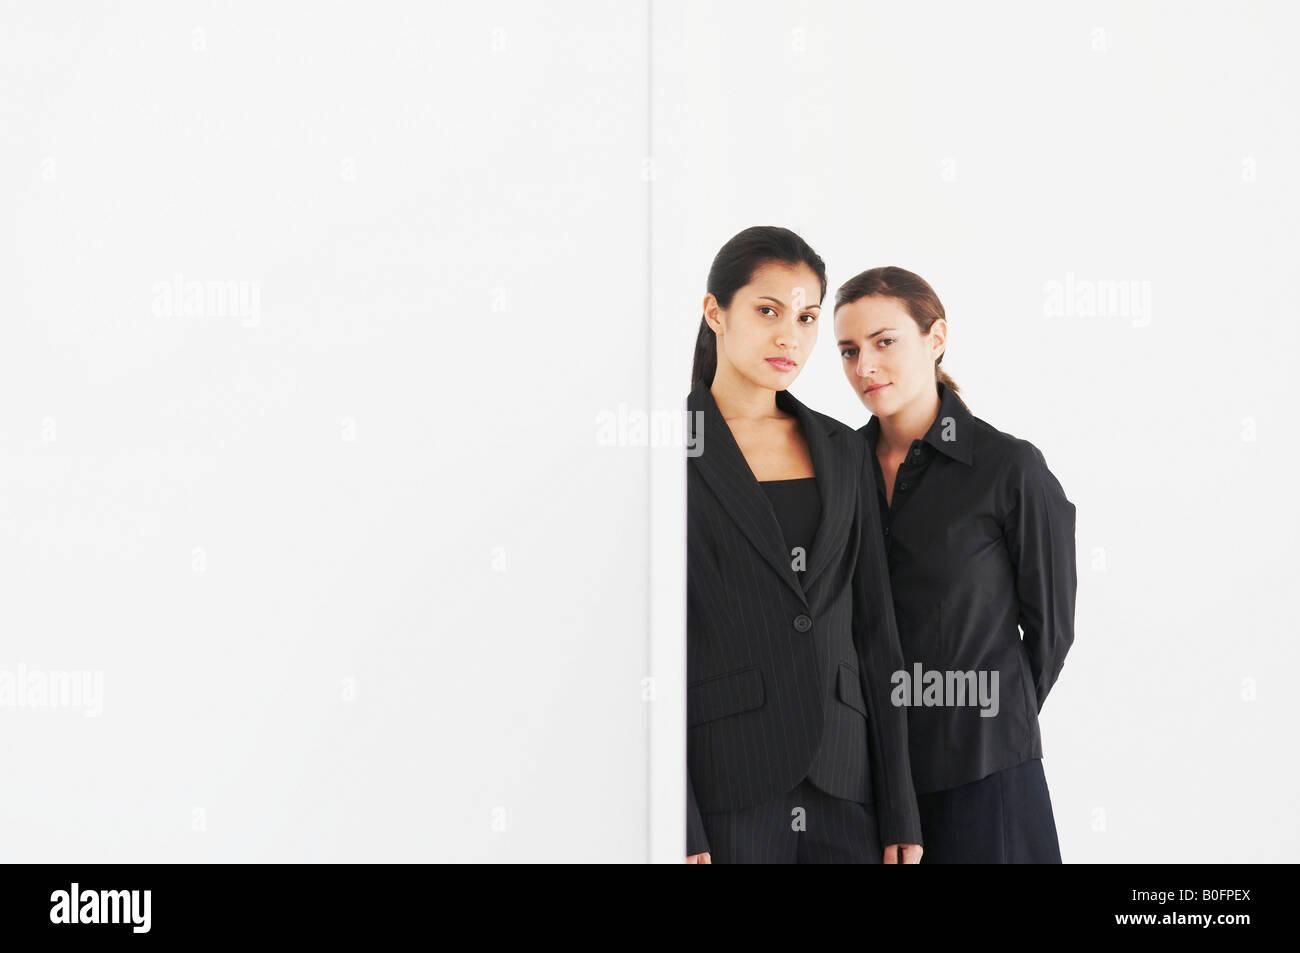 Zwei Frauen in schwarzen Blick auf Kamera Stockbild